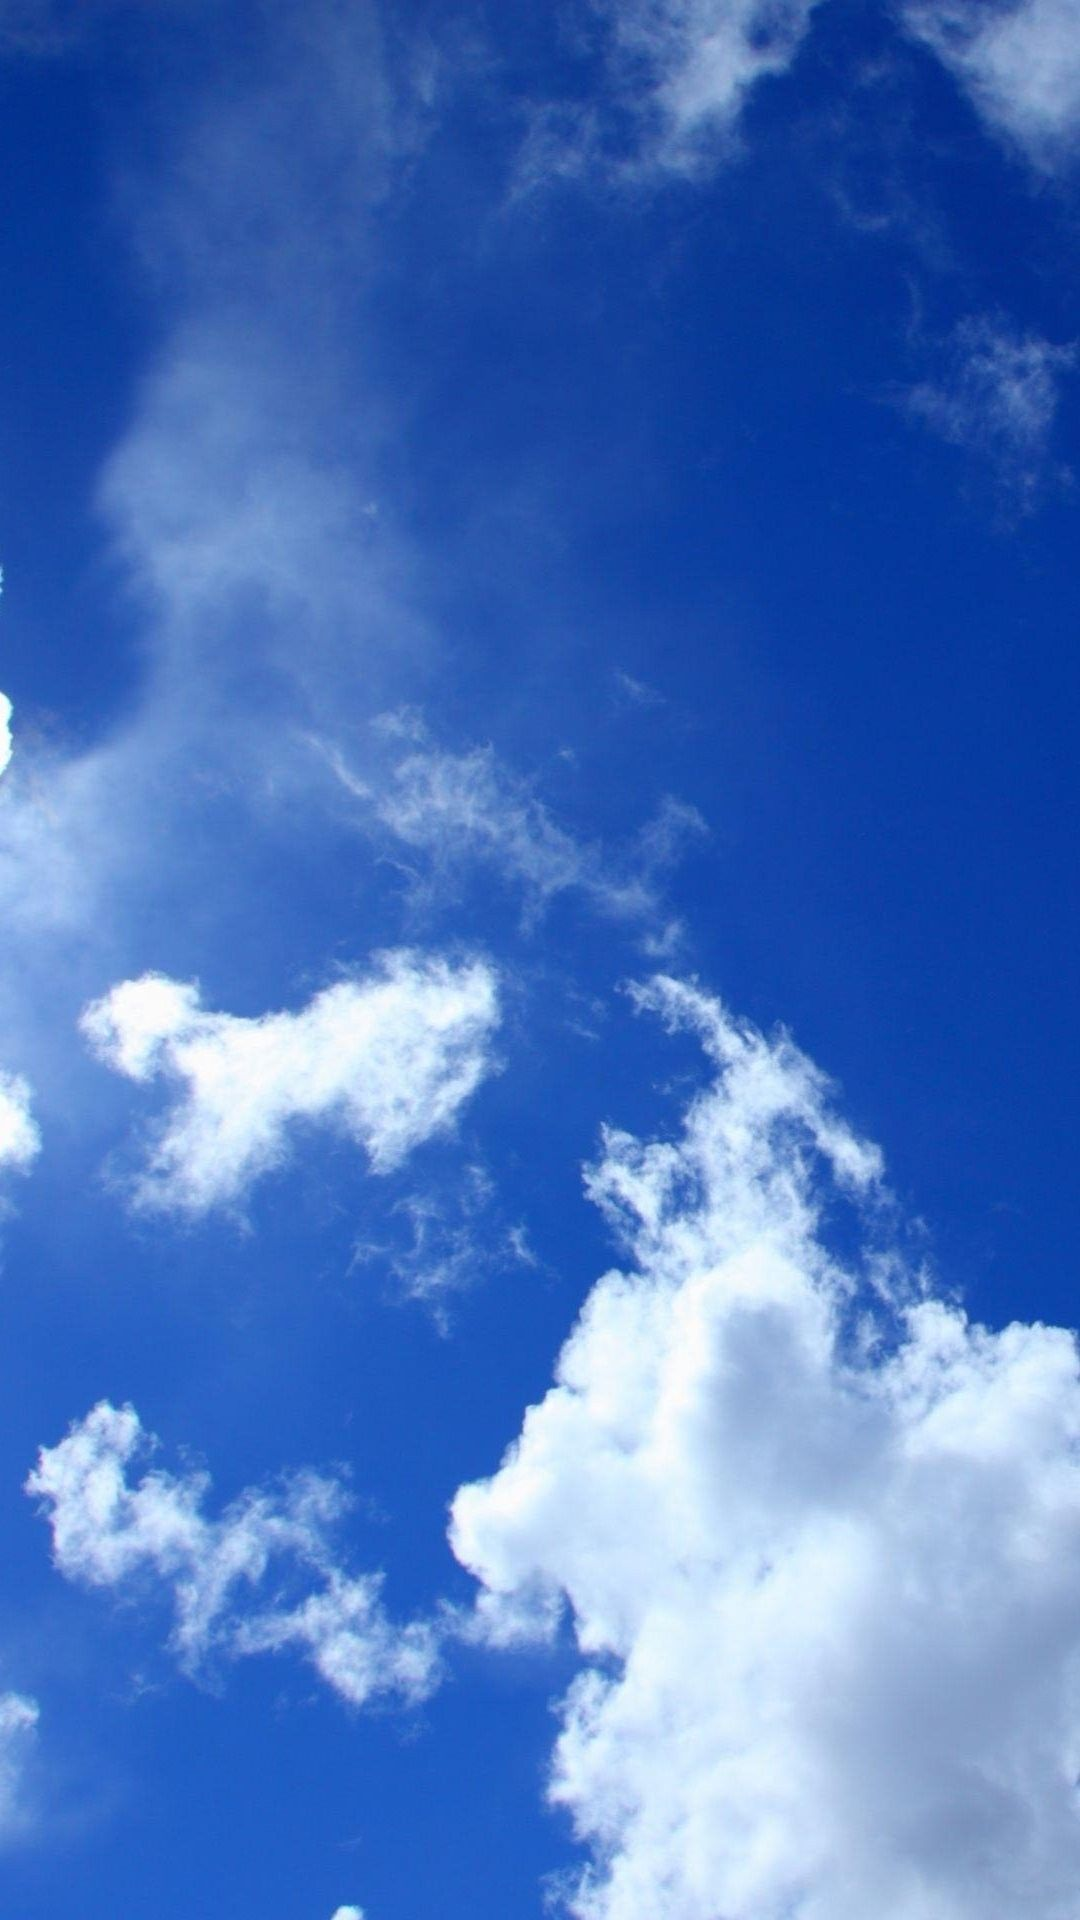 Blue Sky White Clouds Lockscreen Mobile Wallpaper Hd Blue Sky Wallpaper Cloud Wallpaper Iphone Wallpaper Sky